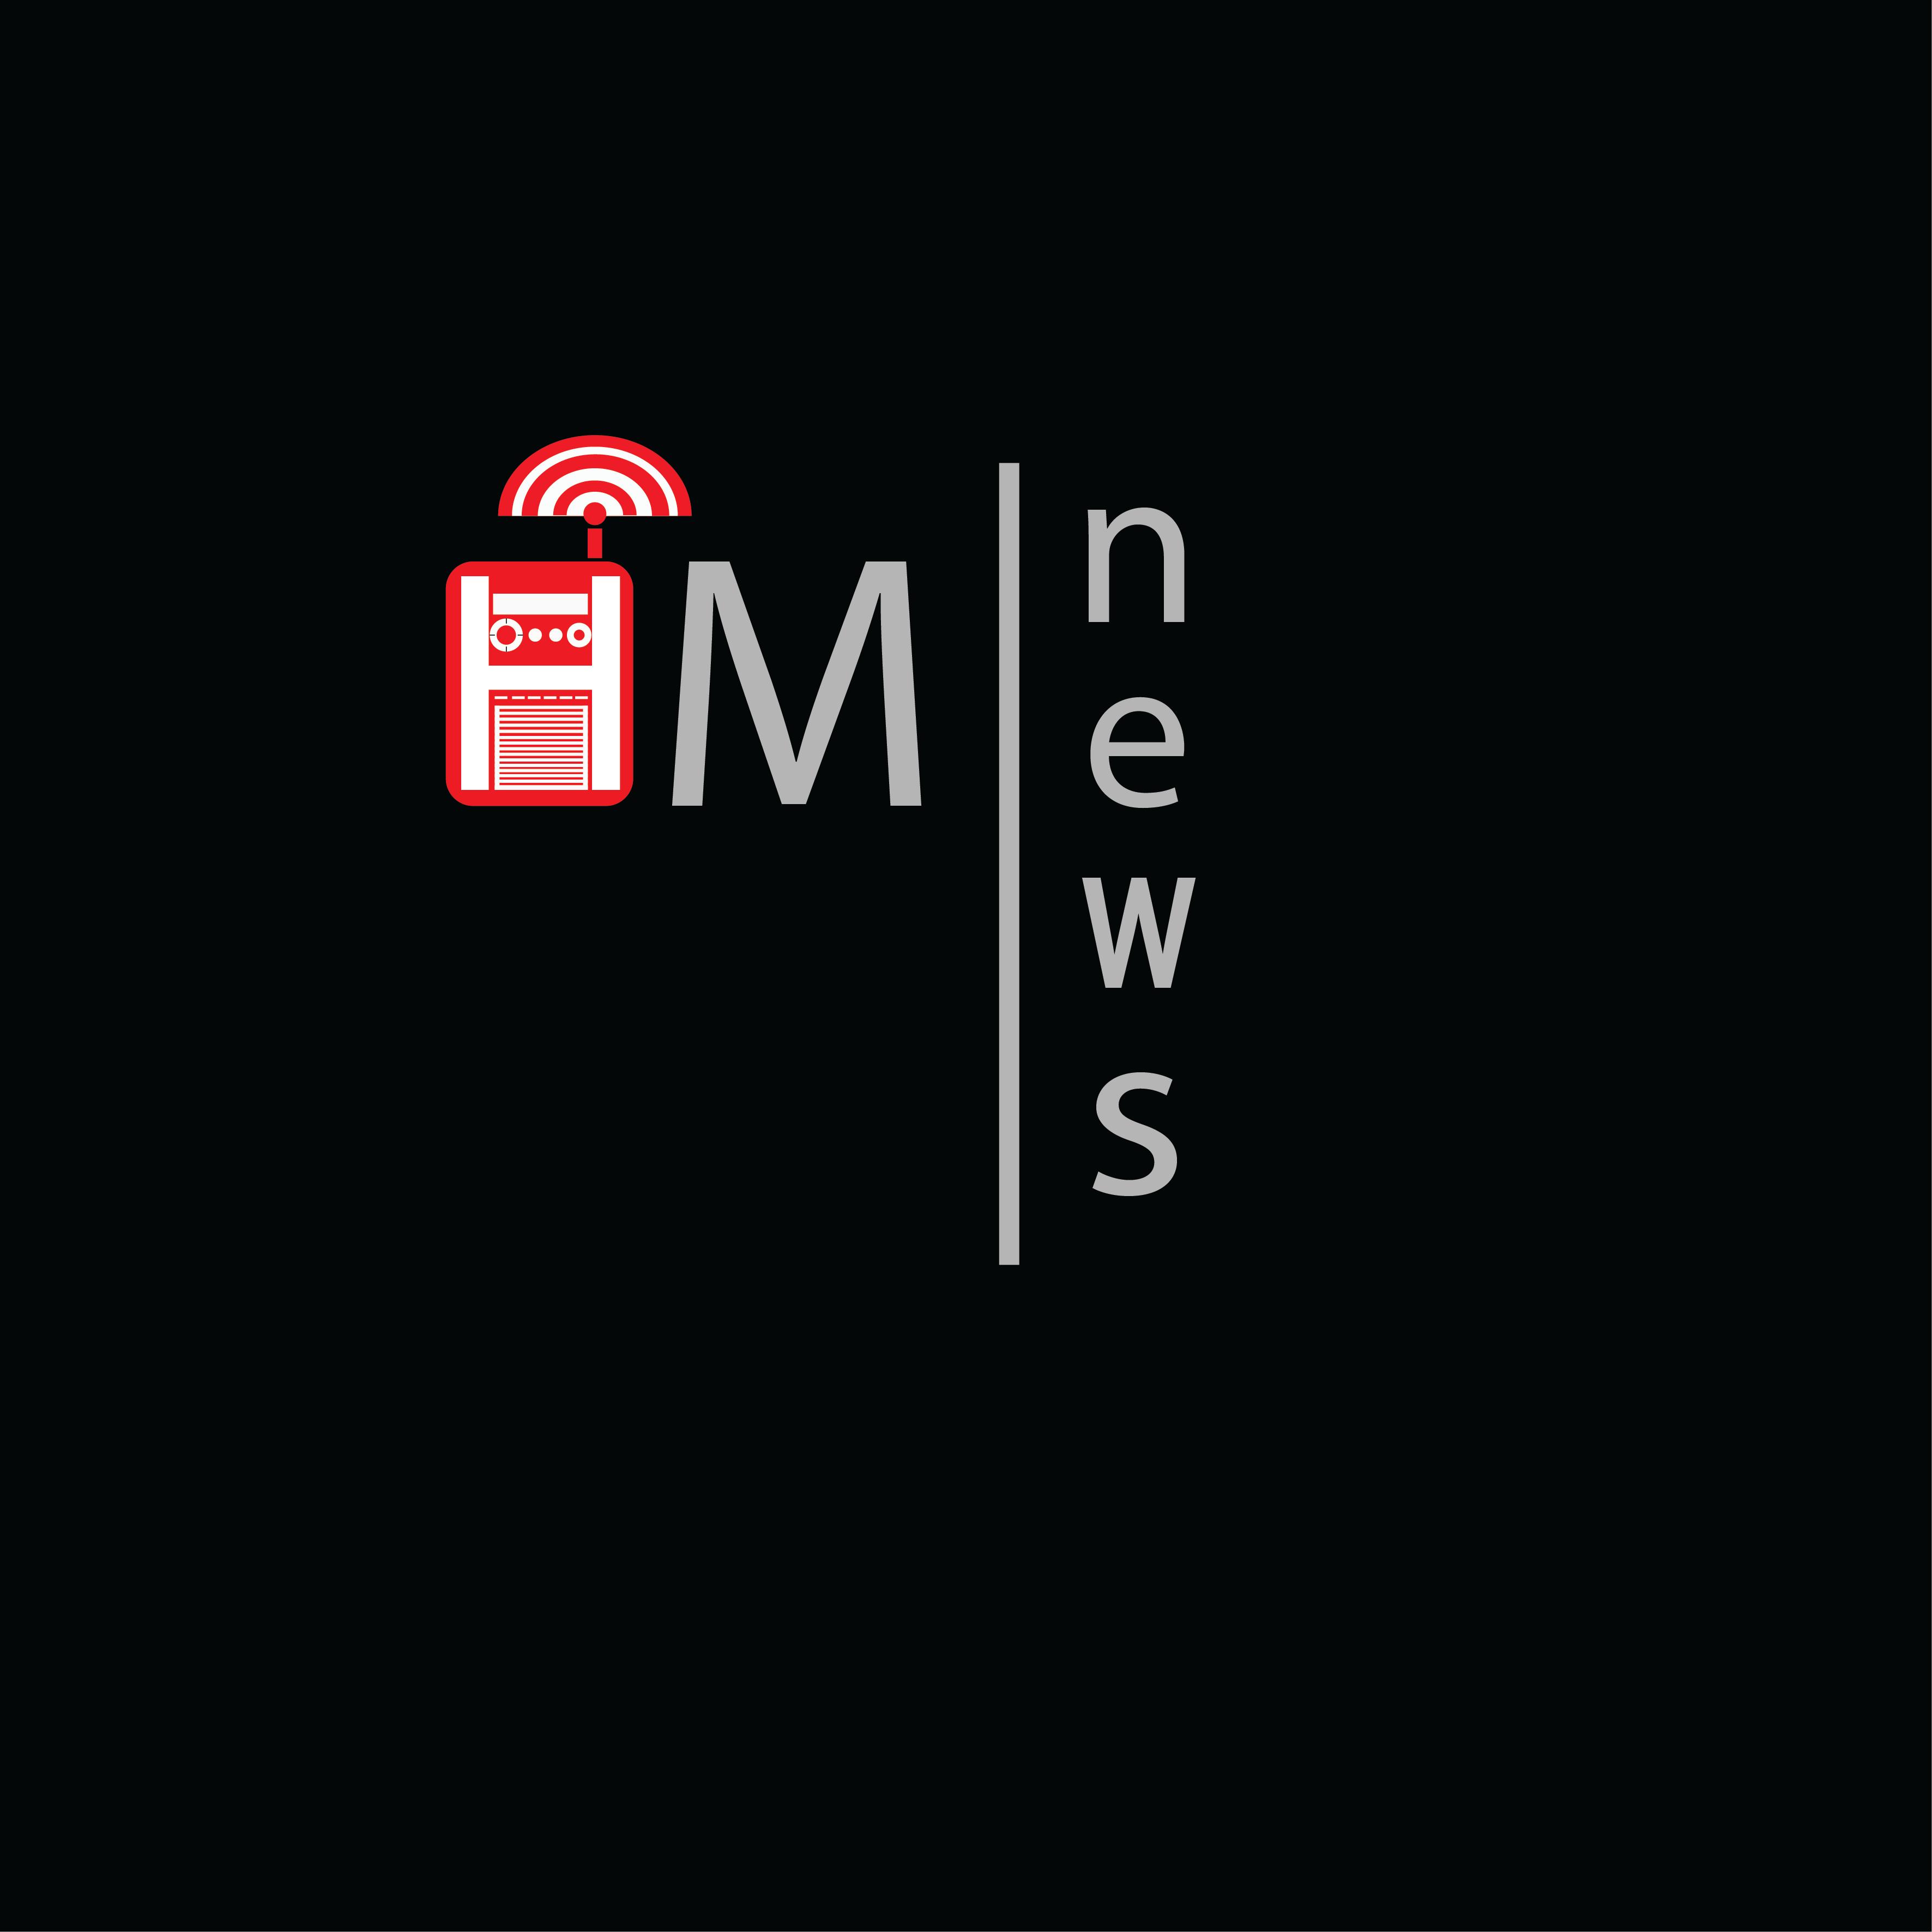 Логотип для информационного агентства фото f_9875aa50bb3cdaf2.png